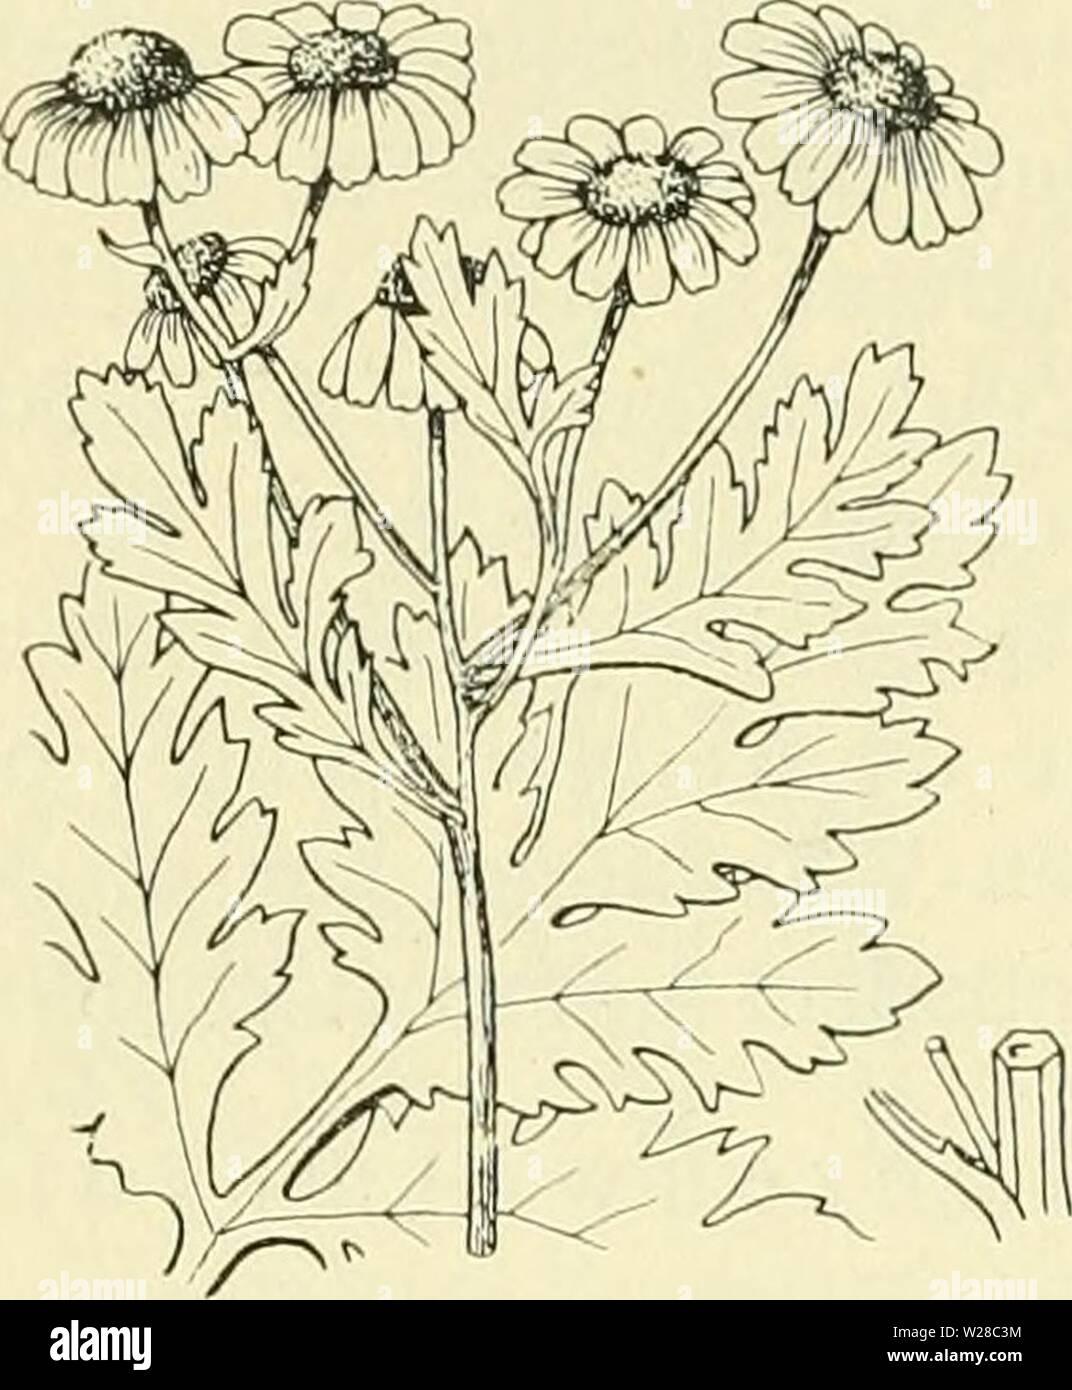 Archive image from page 413 of De flora van Nederland (1909-11). De flora van Nederland  defloravannederl03heuk Year: 1909-11.  394 â COMPOSITAE. â FAMILIE 109.    Volksnamen. In Friesland, Overijsel en de Graafschap Zutphen heet de plant wormkruid, in Oost-Drente, Overijsel en op Goeree boerenwormkruid, in Salland, Oost-Gelderland en Zuid-Limburg reinevaar, in Salland, de Oost-Veluwe en de Graafschap Zutphen pierekruid, in Salland ook gouden knoopjes, in Twente gingber, in Noord-Limburg reindersknoppen, in Zuid- Limburg kruidwesch en pinksterbloem, in geheel Limburg kroetmès, in Zeeuwsch-Vla Stock Photo